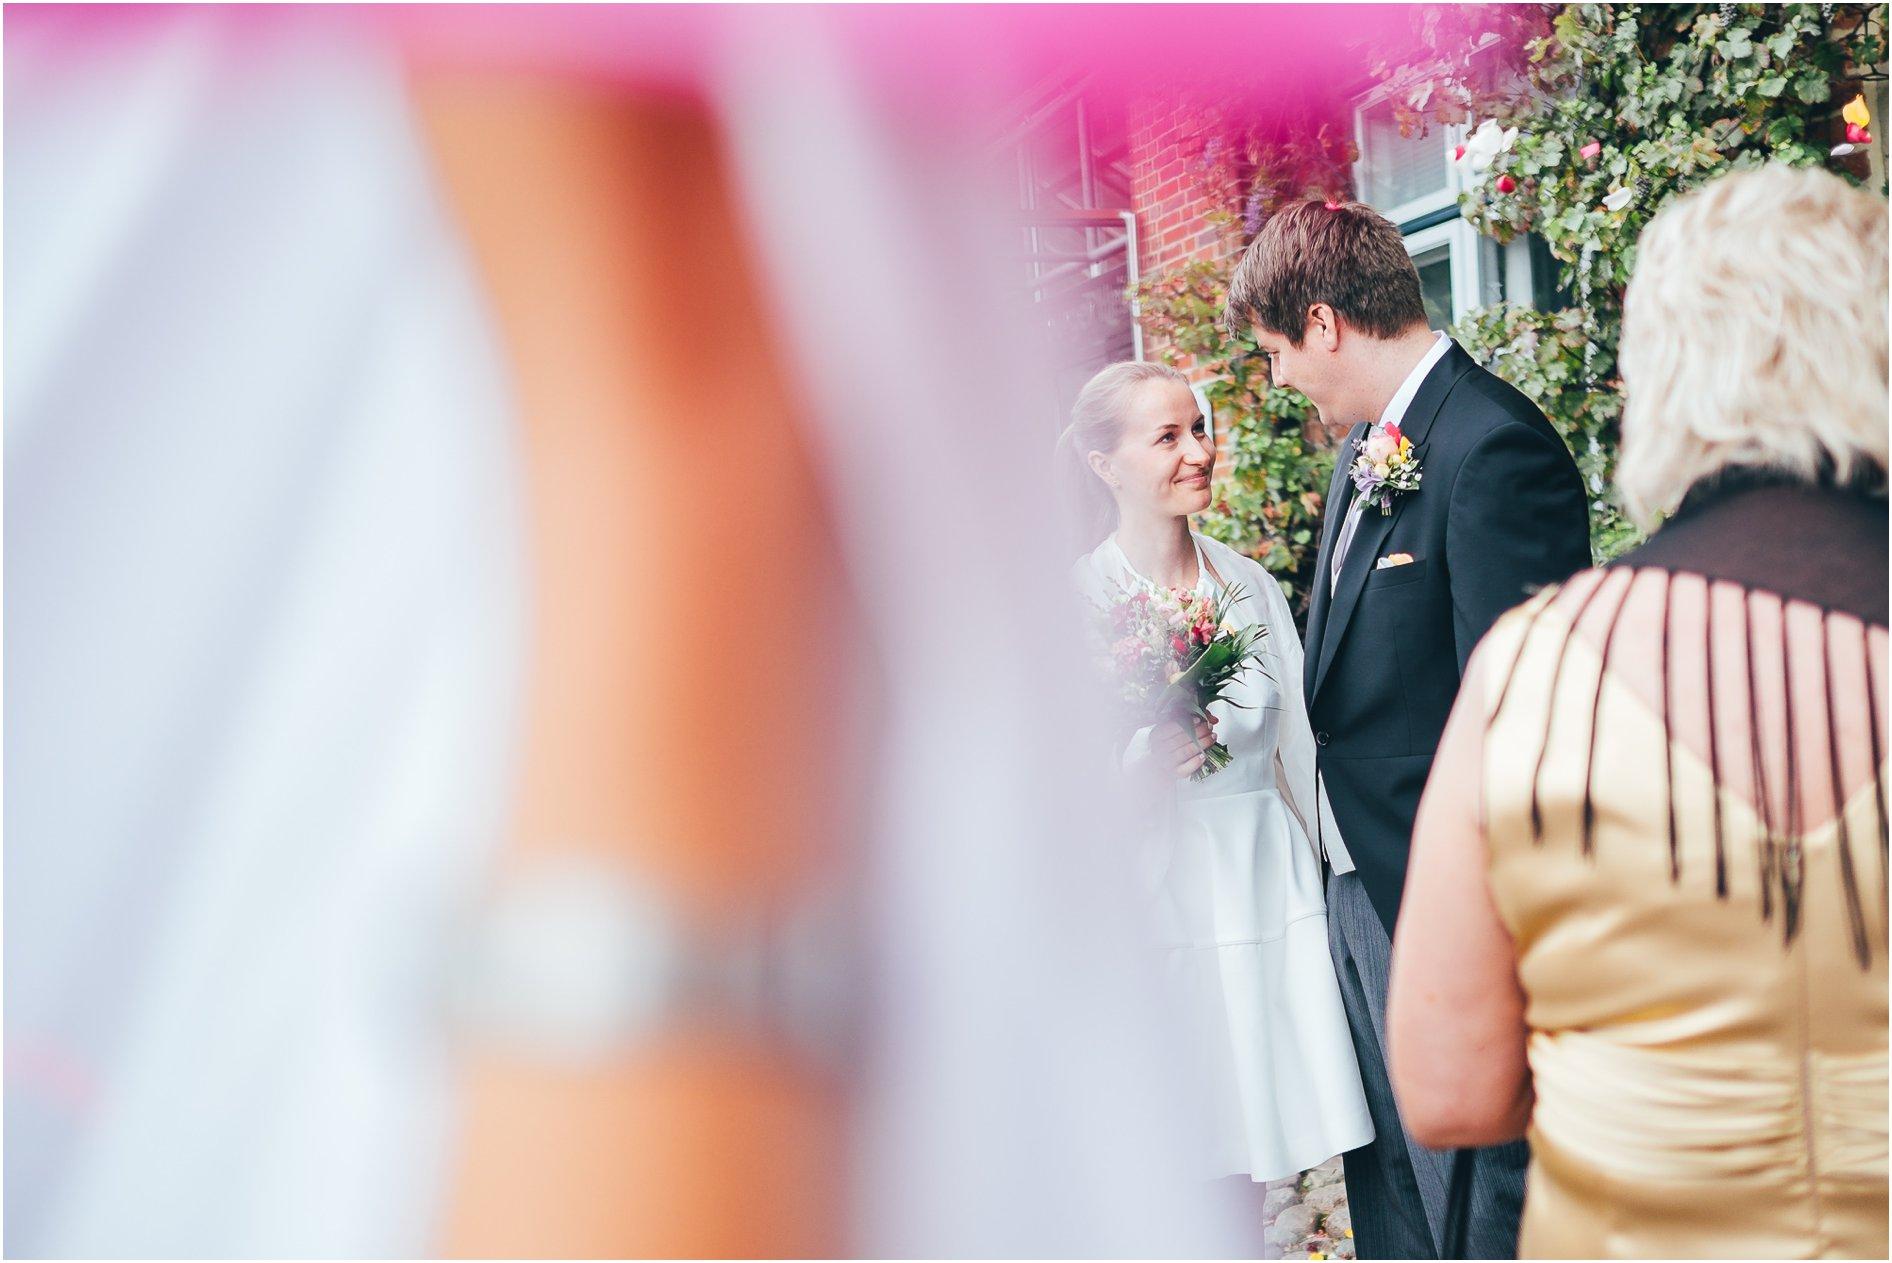 2014-10-13_0029 Jenny & Matthias - Hochzeitsfotograf auf Gut Bardenhagen